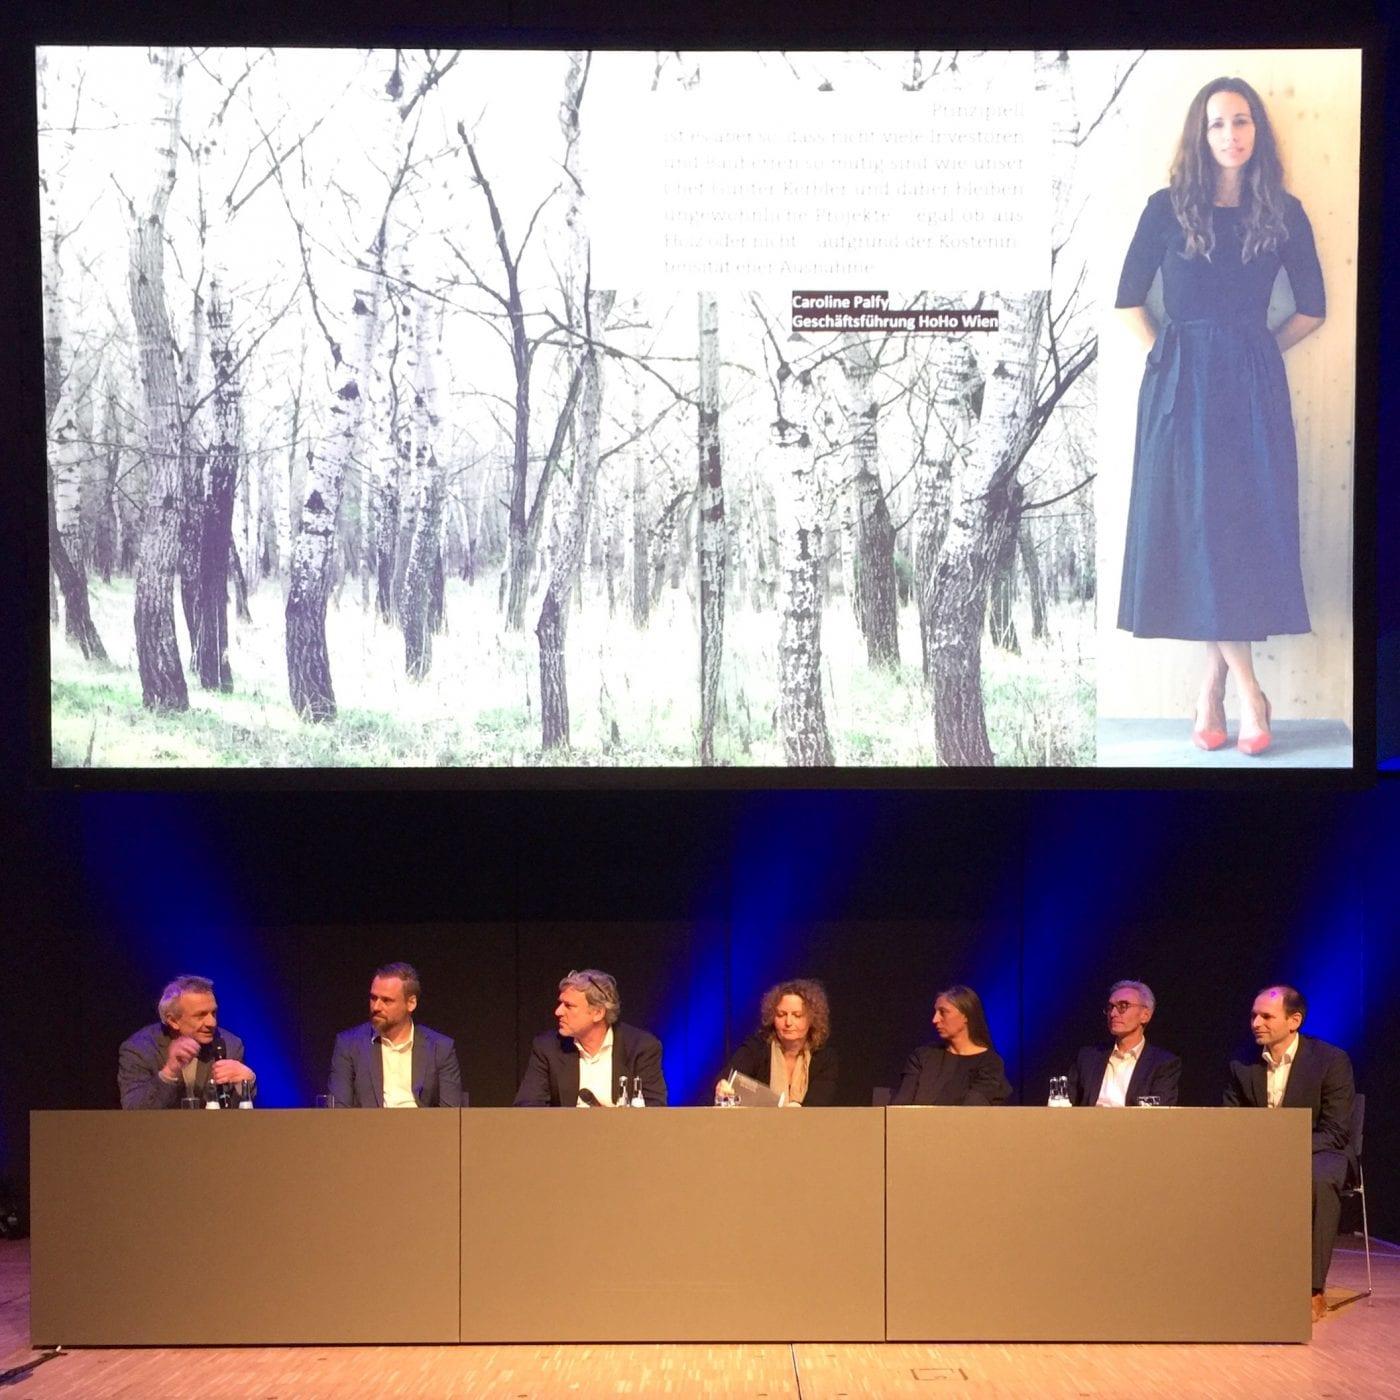 """Podiumsdiskussion """"Urbane Entwicklungsräume"""" beim Architekturkongress im Rahmen der DACH+HOLZ International 2020 (Foto: Eric Sturm)"""